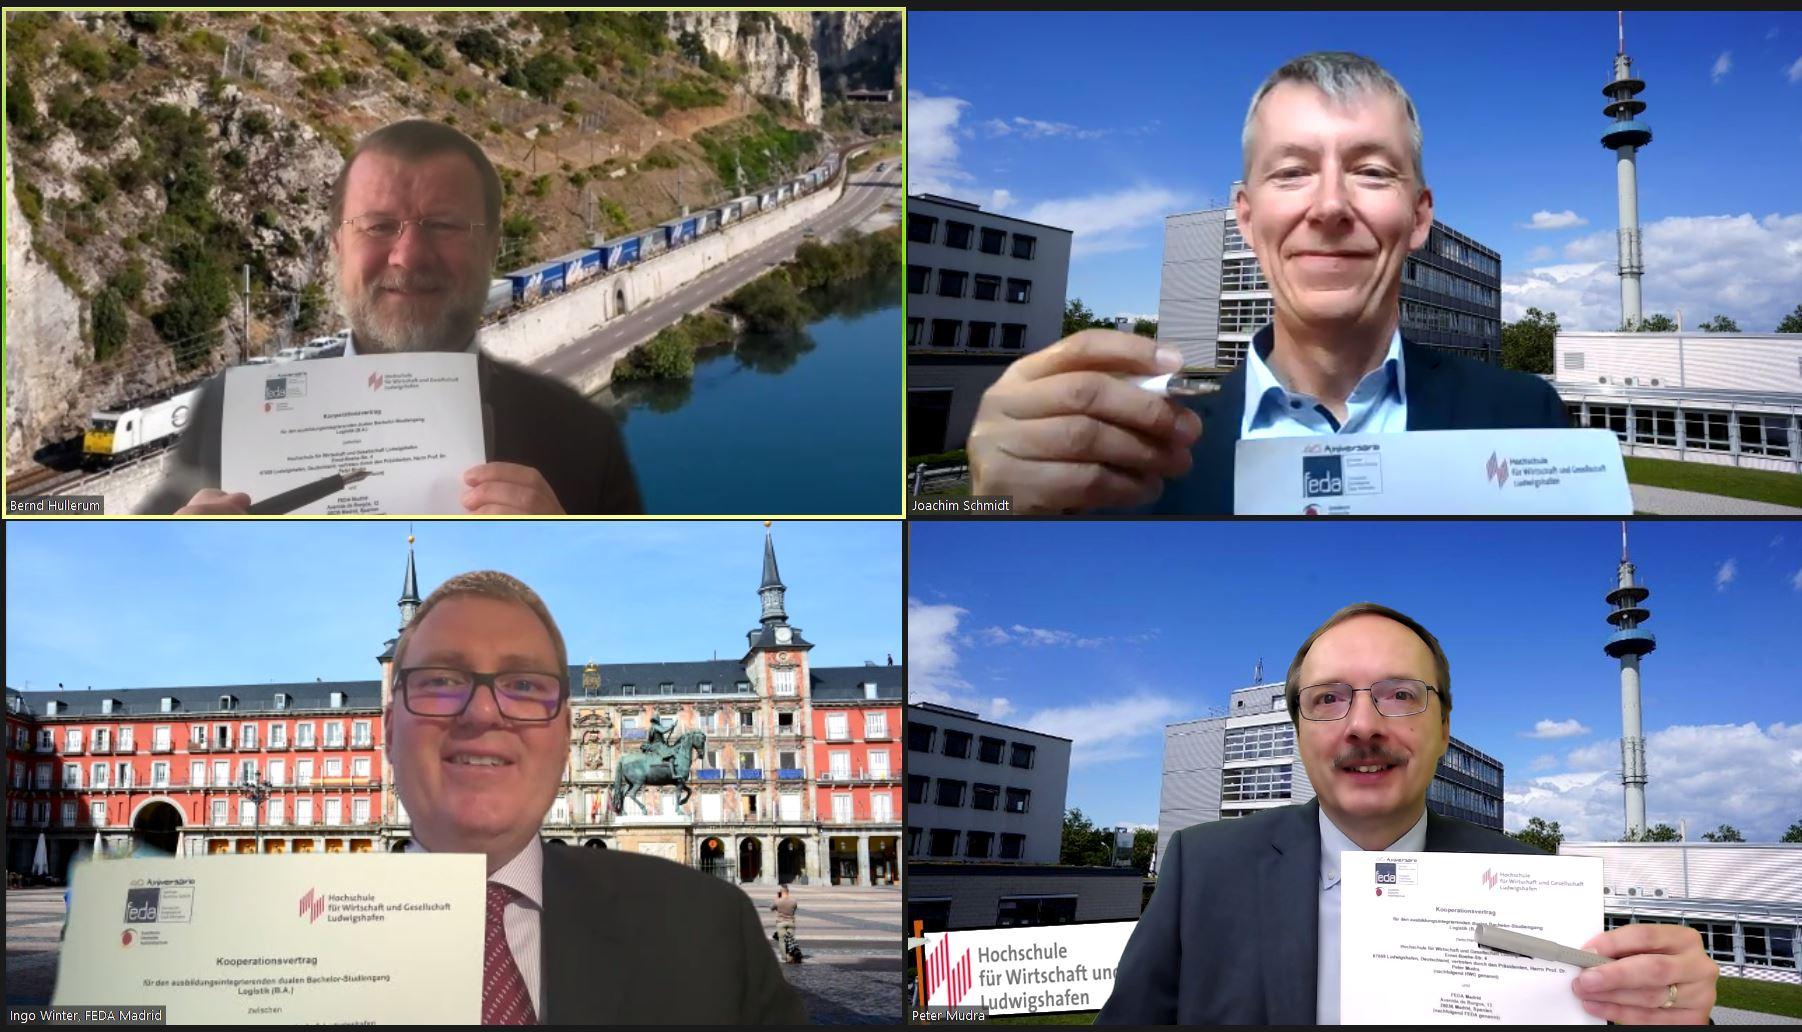 Von links nach rechts und von oben nach unten: Bernd Hullerum, Prof. Dr. Joachim Schmidt, Ingo Winter, Prof. Dr. Peter Mudra